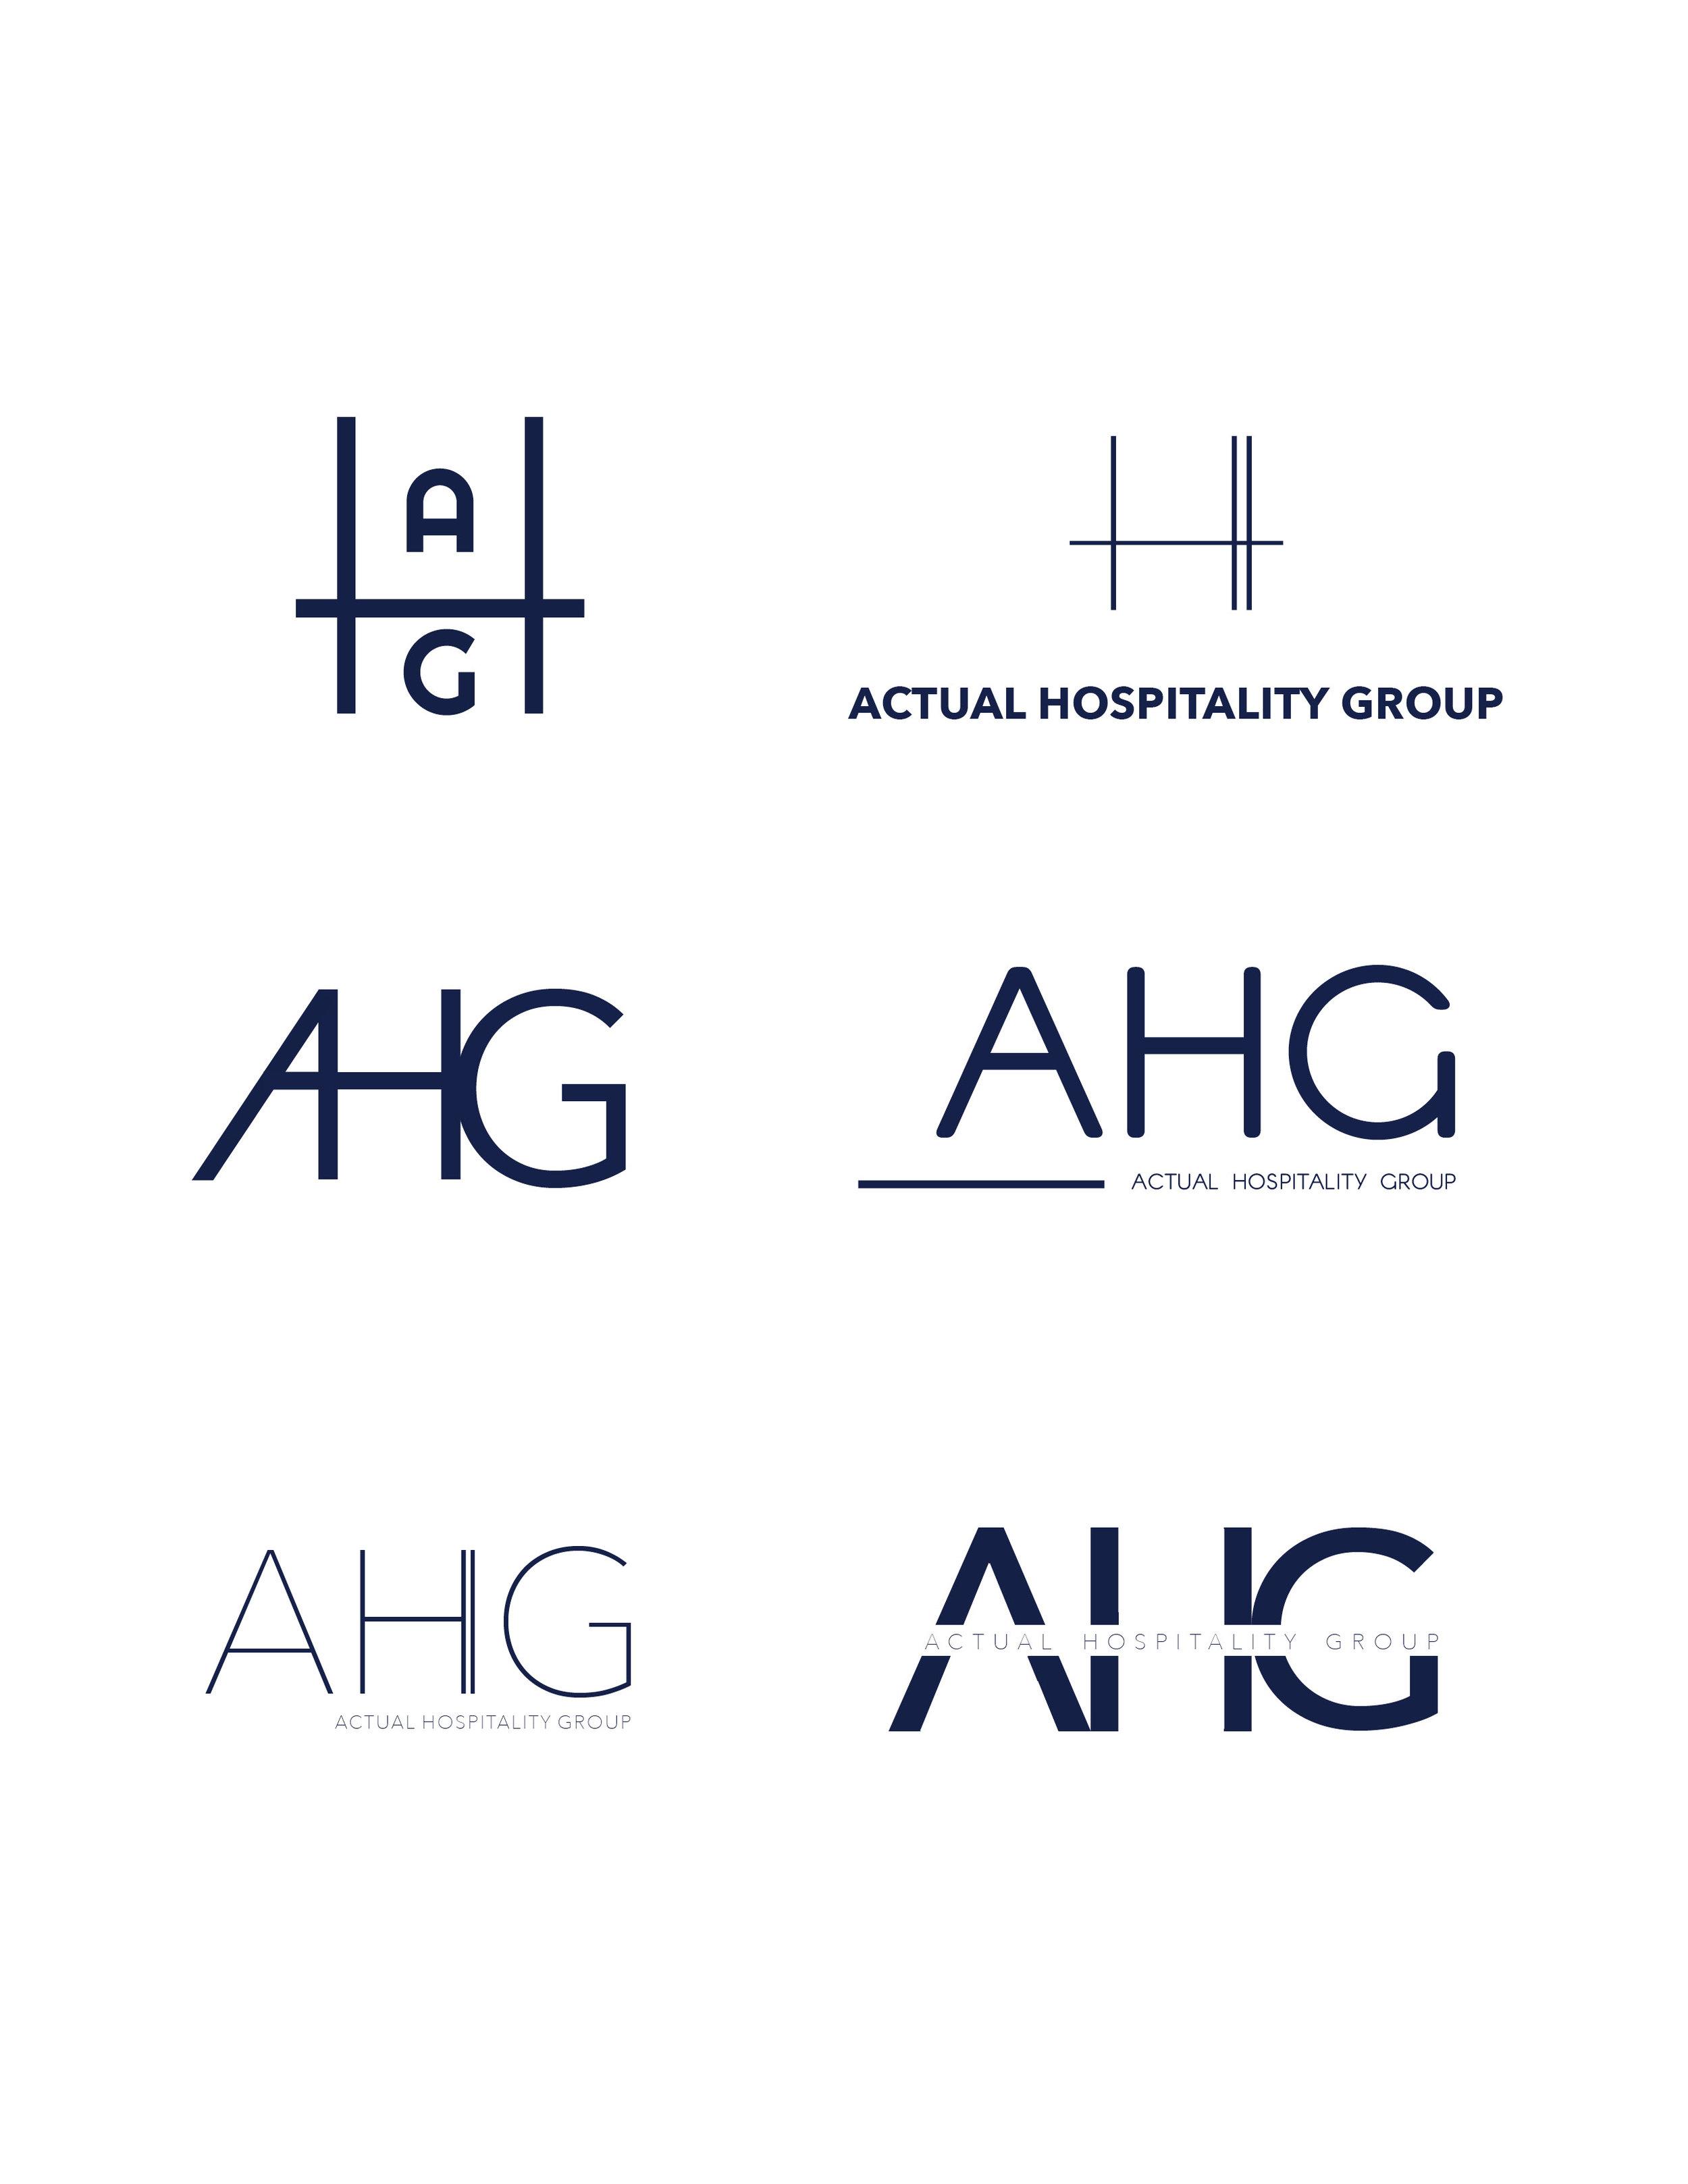 ahg variations.jpg